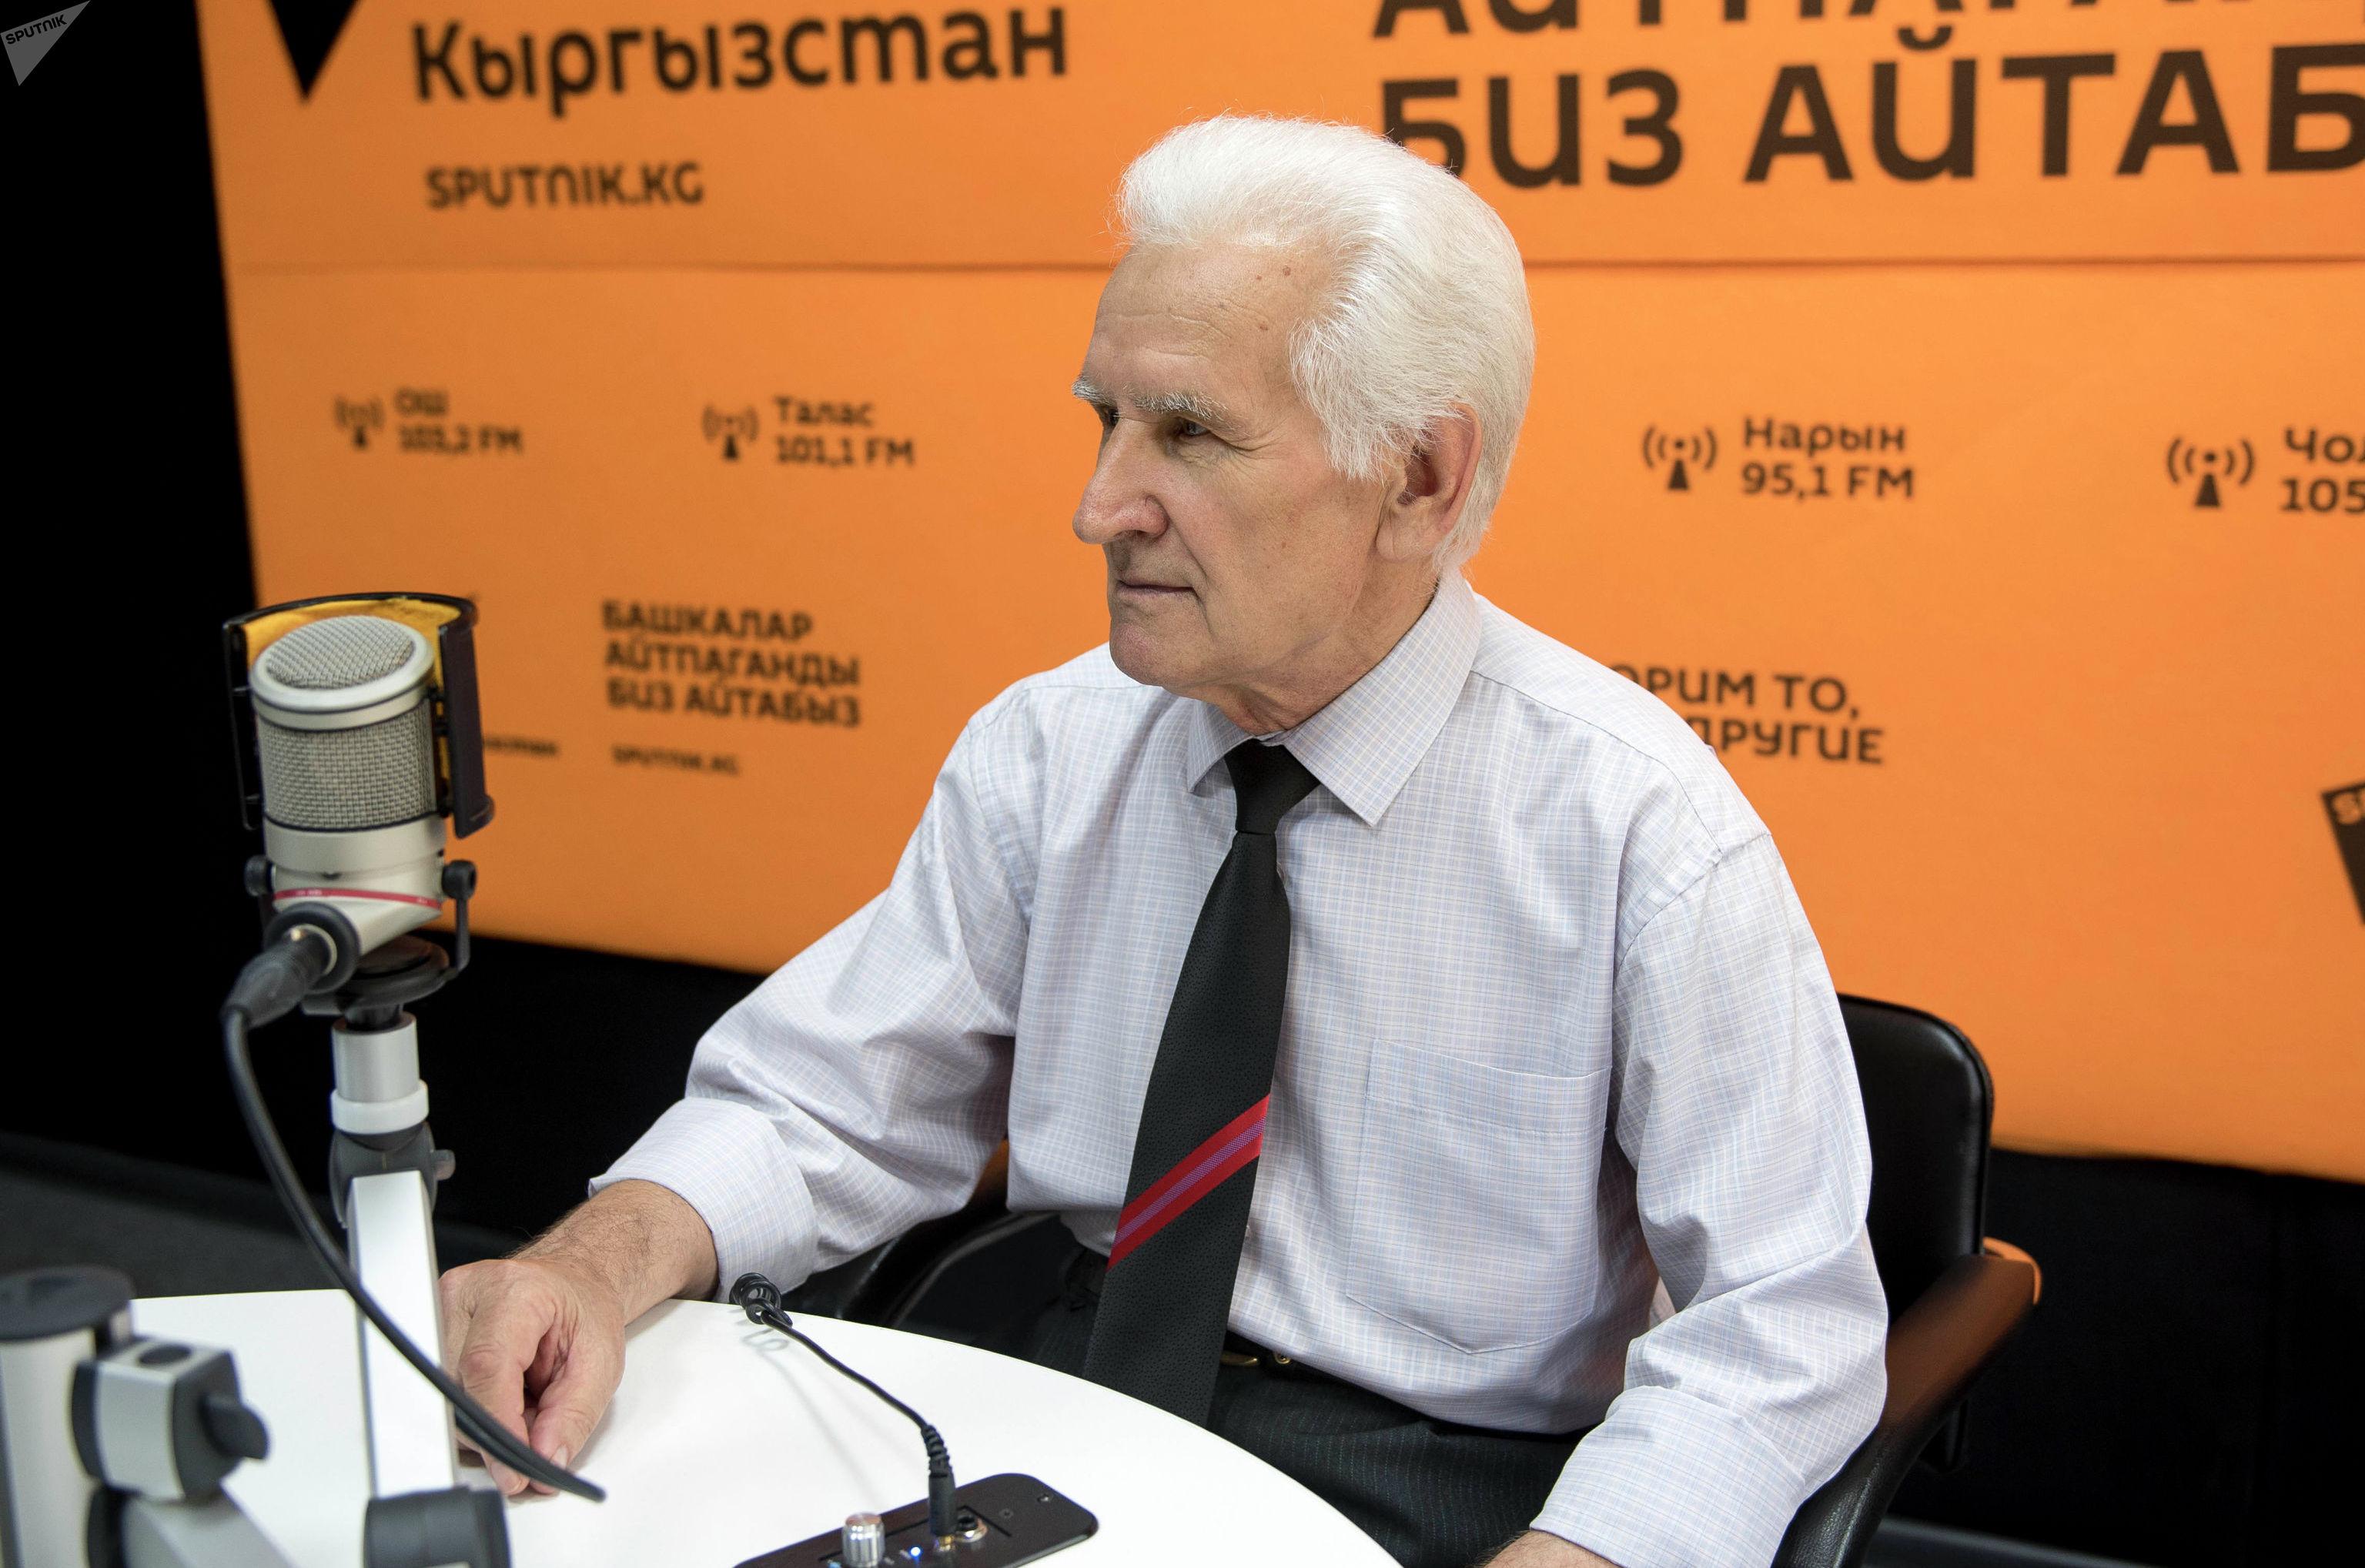 Ведущий научный сотрудник, исполняющий обязанности руководителя лаборатории гидроэнергетики Института водных проблем и гидроэнергетики Национальной академии наук Кыргызстана Владимир Липкин.